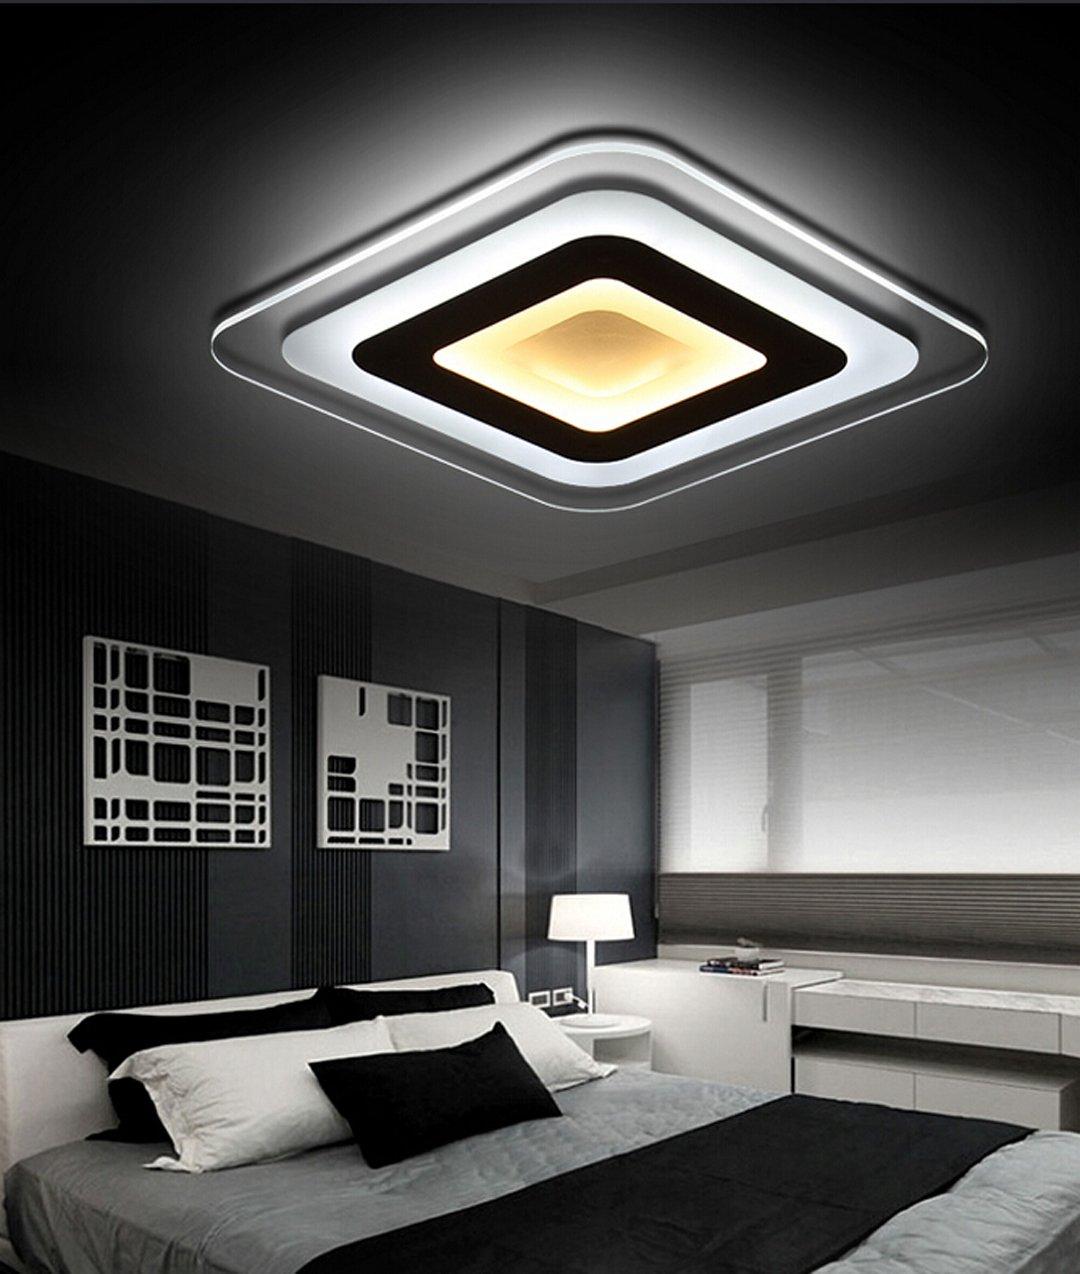 Moderne Minimalistische Led Decke Lampe Super Dünne Acryl Schlafzimmer Esszimmer Wohnzimmer Lampe Licht Kreative Ader Eine Studie Lampe, Weiß Box  45  45Cm Drei Farben Des Lichts